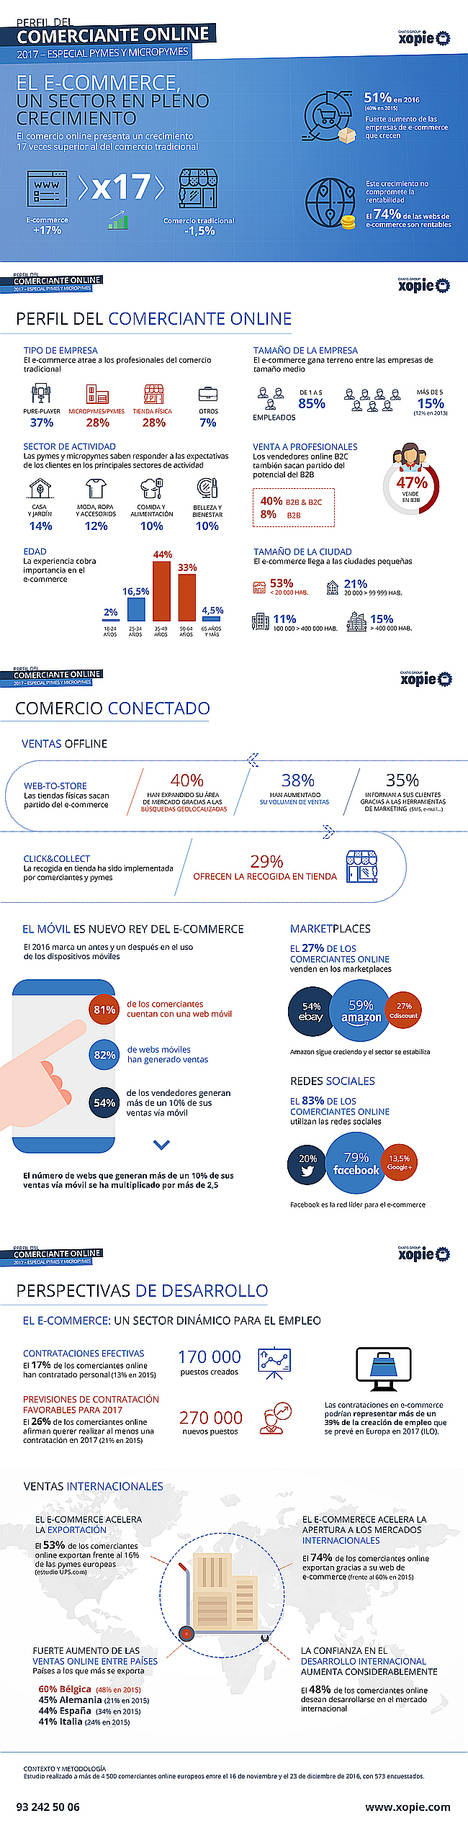 El e-commerce, generador de crecimiento de las empresas españolas en 2016